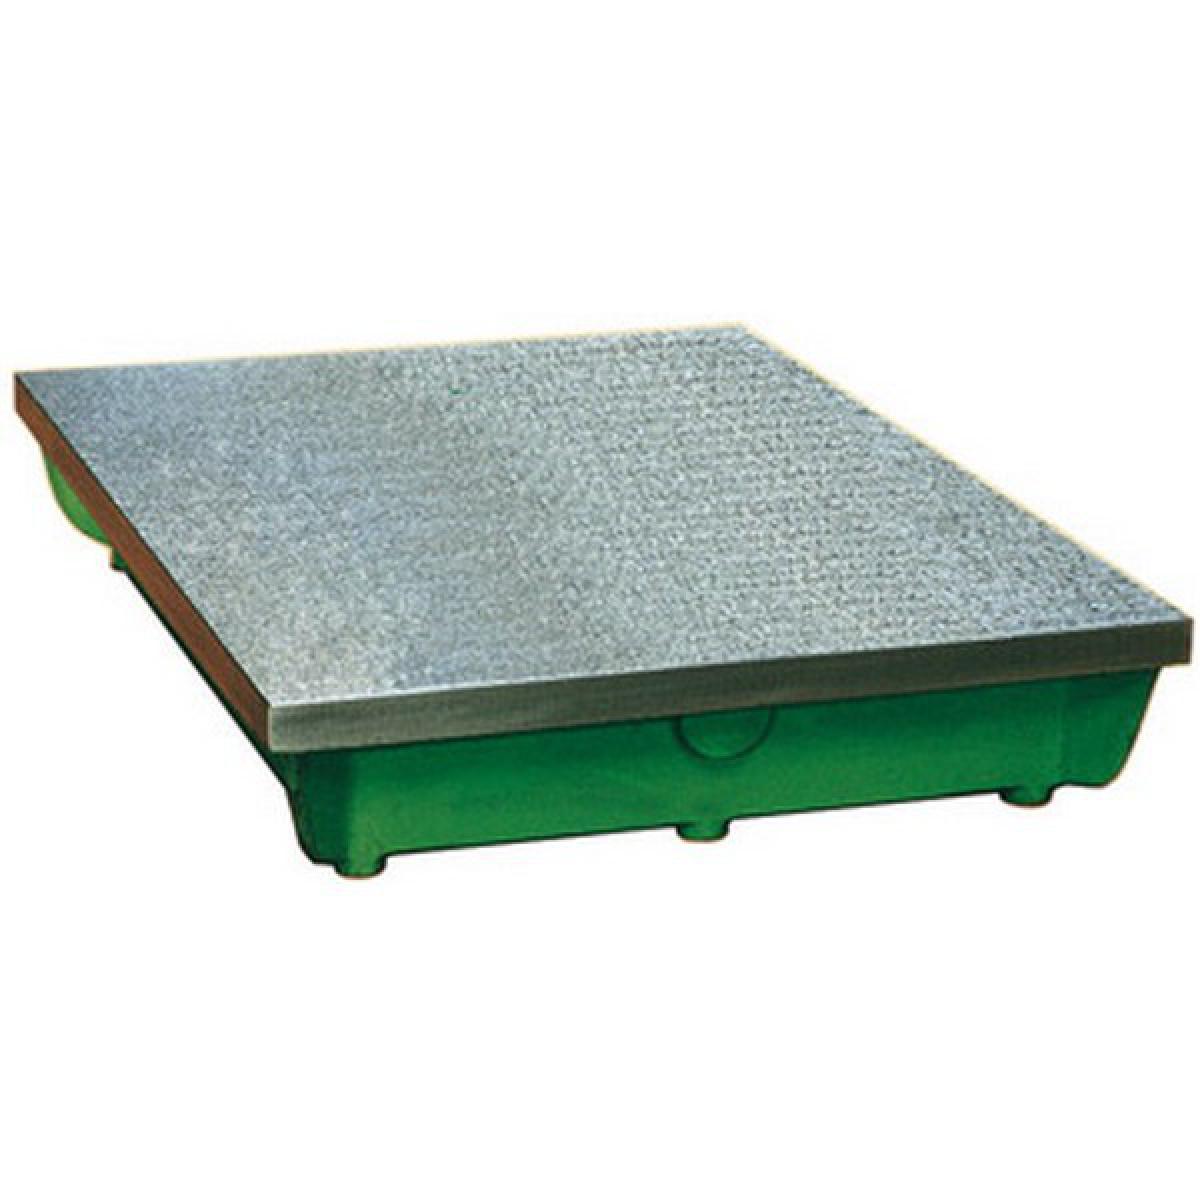 Protec Plaque à tracer et à dresser, qualité 3, Taille : 1500 x 1000 mm, Précision µm qualité 3 100, Poids env. 690 kg